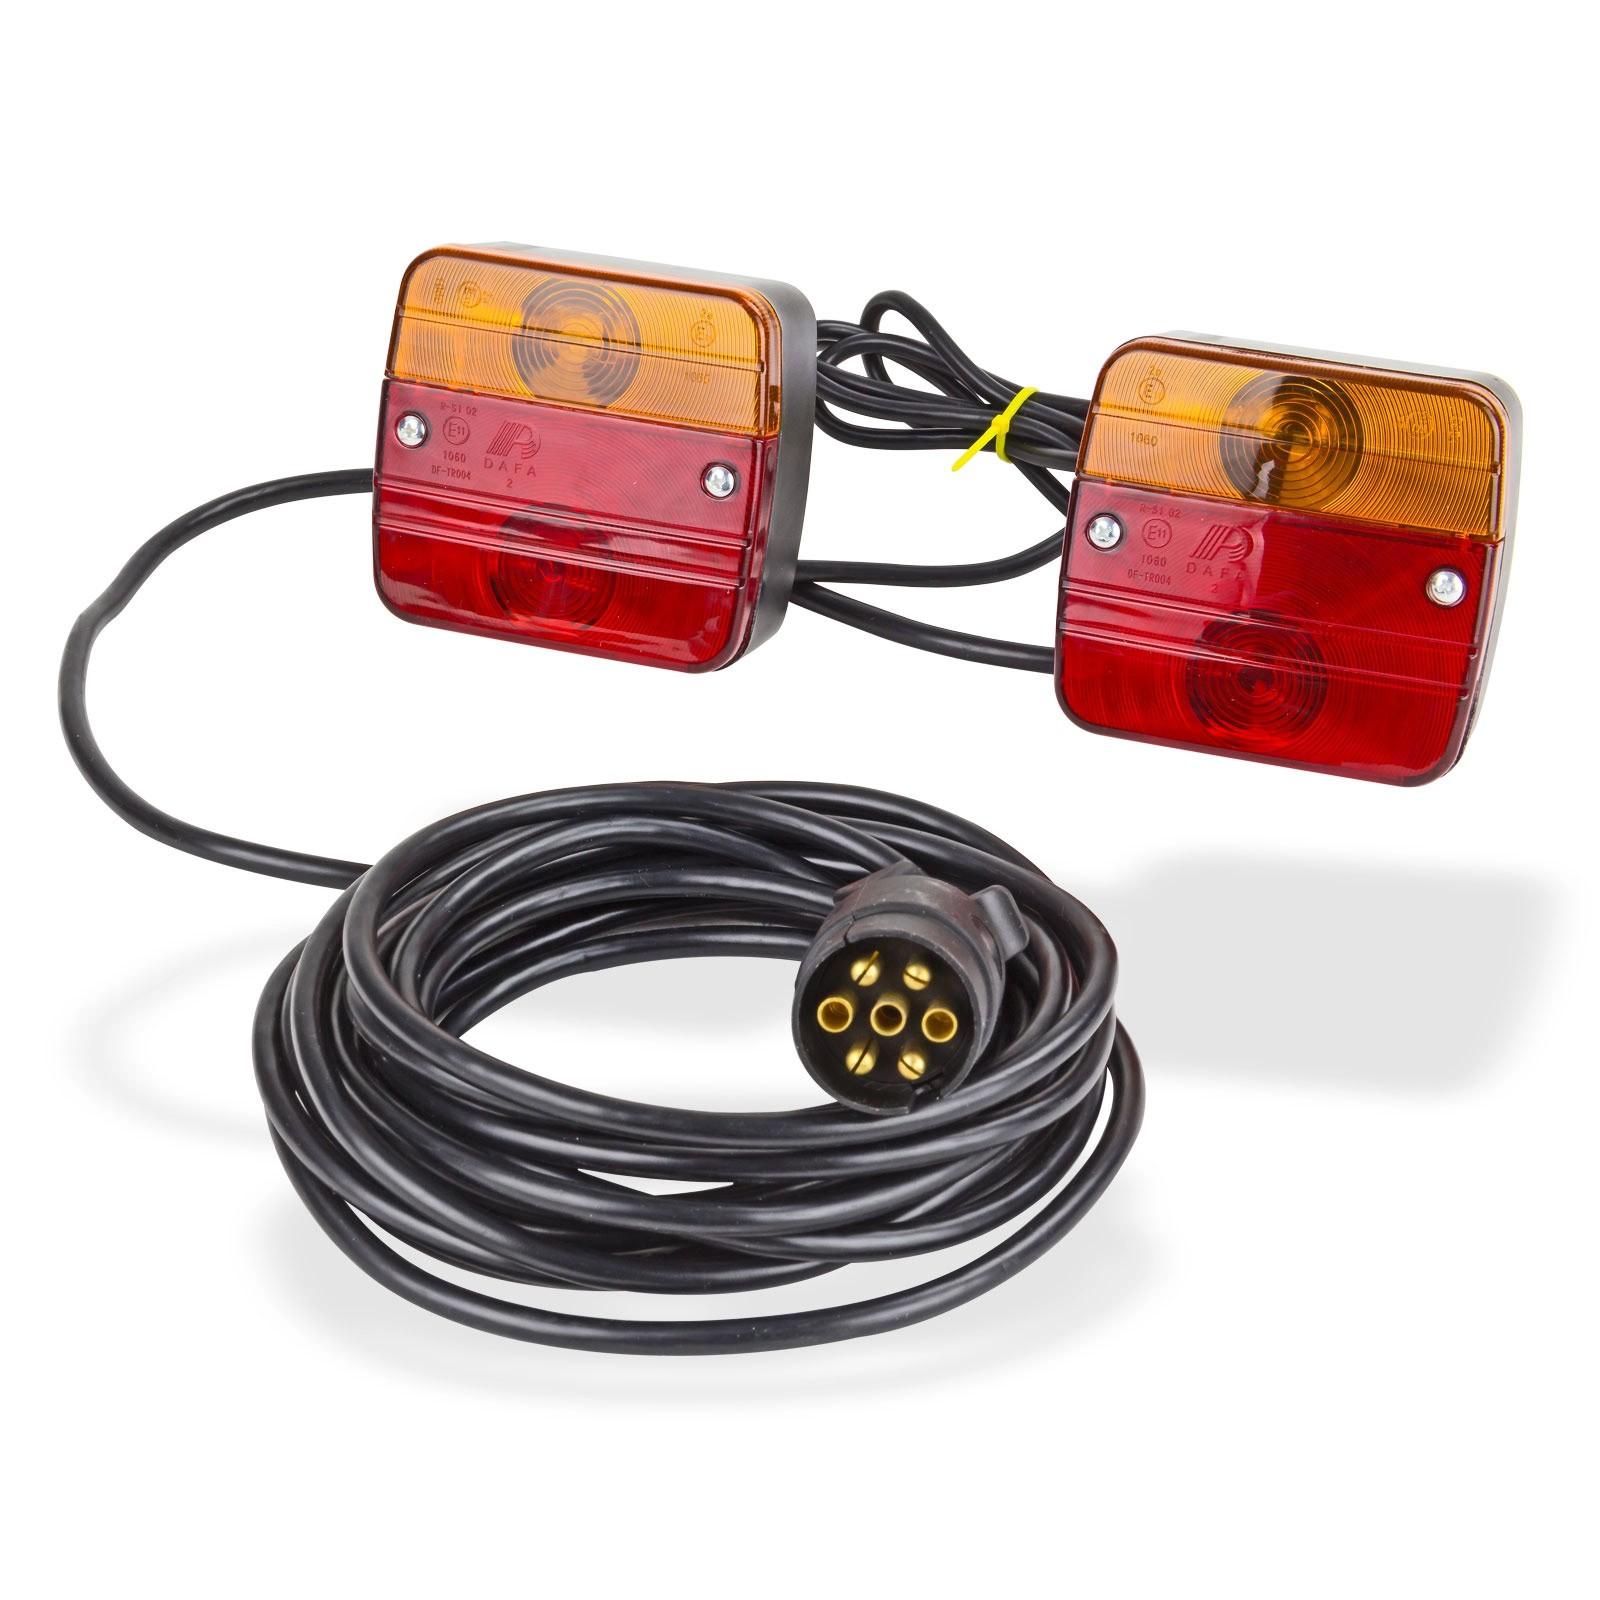 Anhänger Beleuchtung Set inkl Magnet Rücklicht Rückleuchten 7-pol 12V